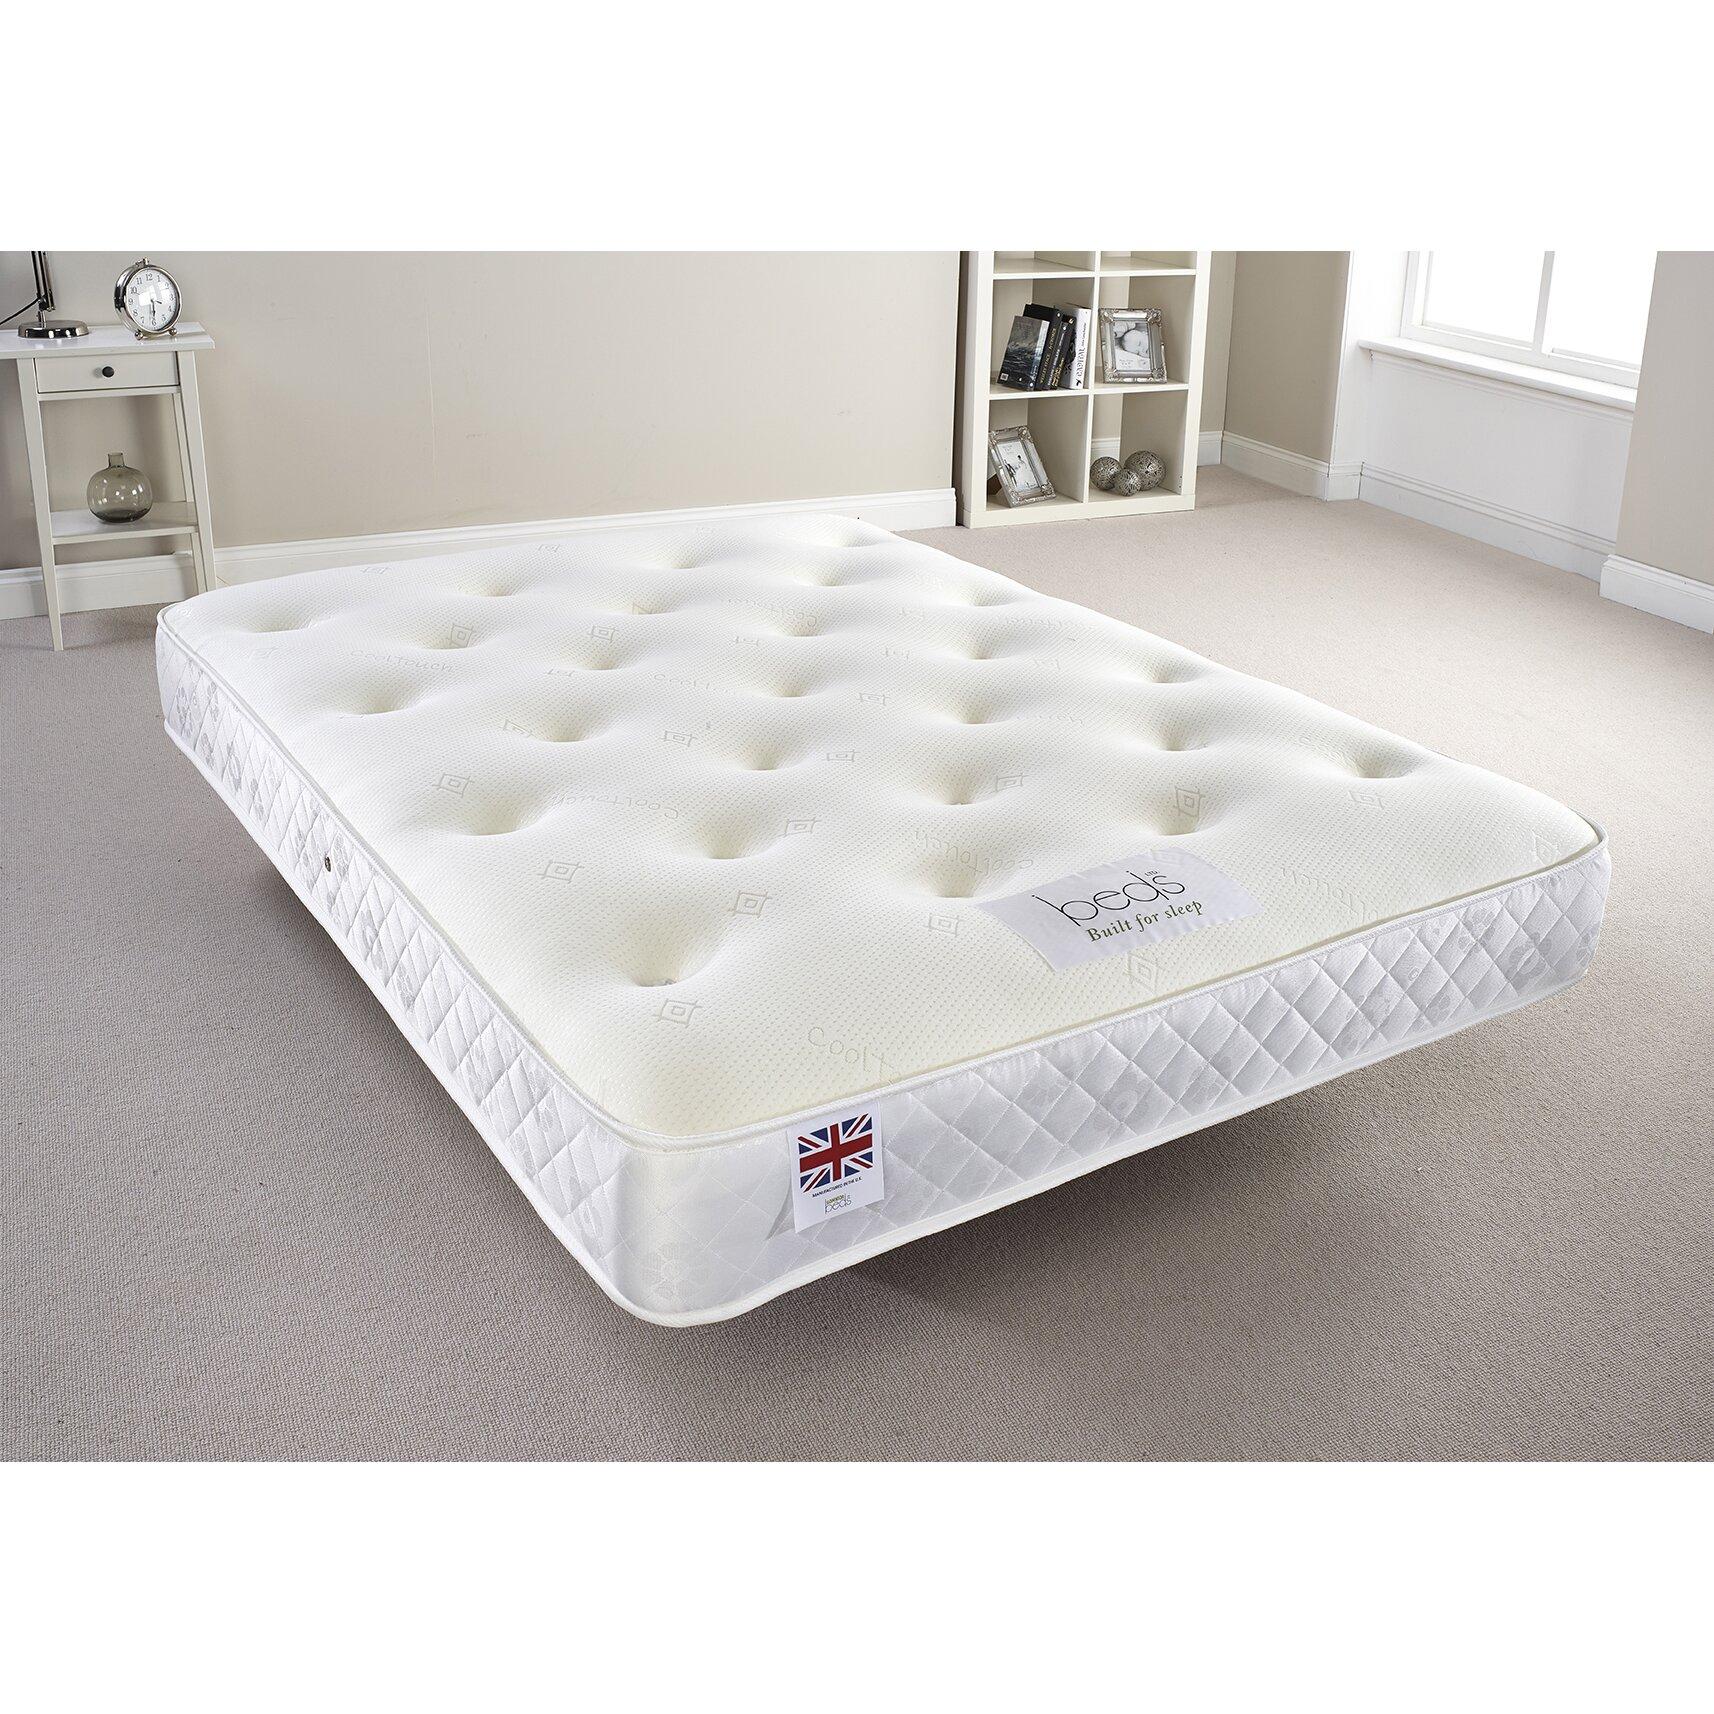 Home haus orthopedic memory foam mattress reviews for Orthopedic mattress